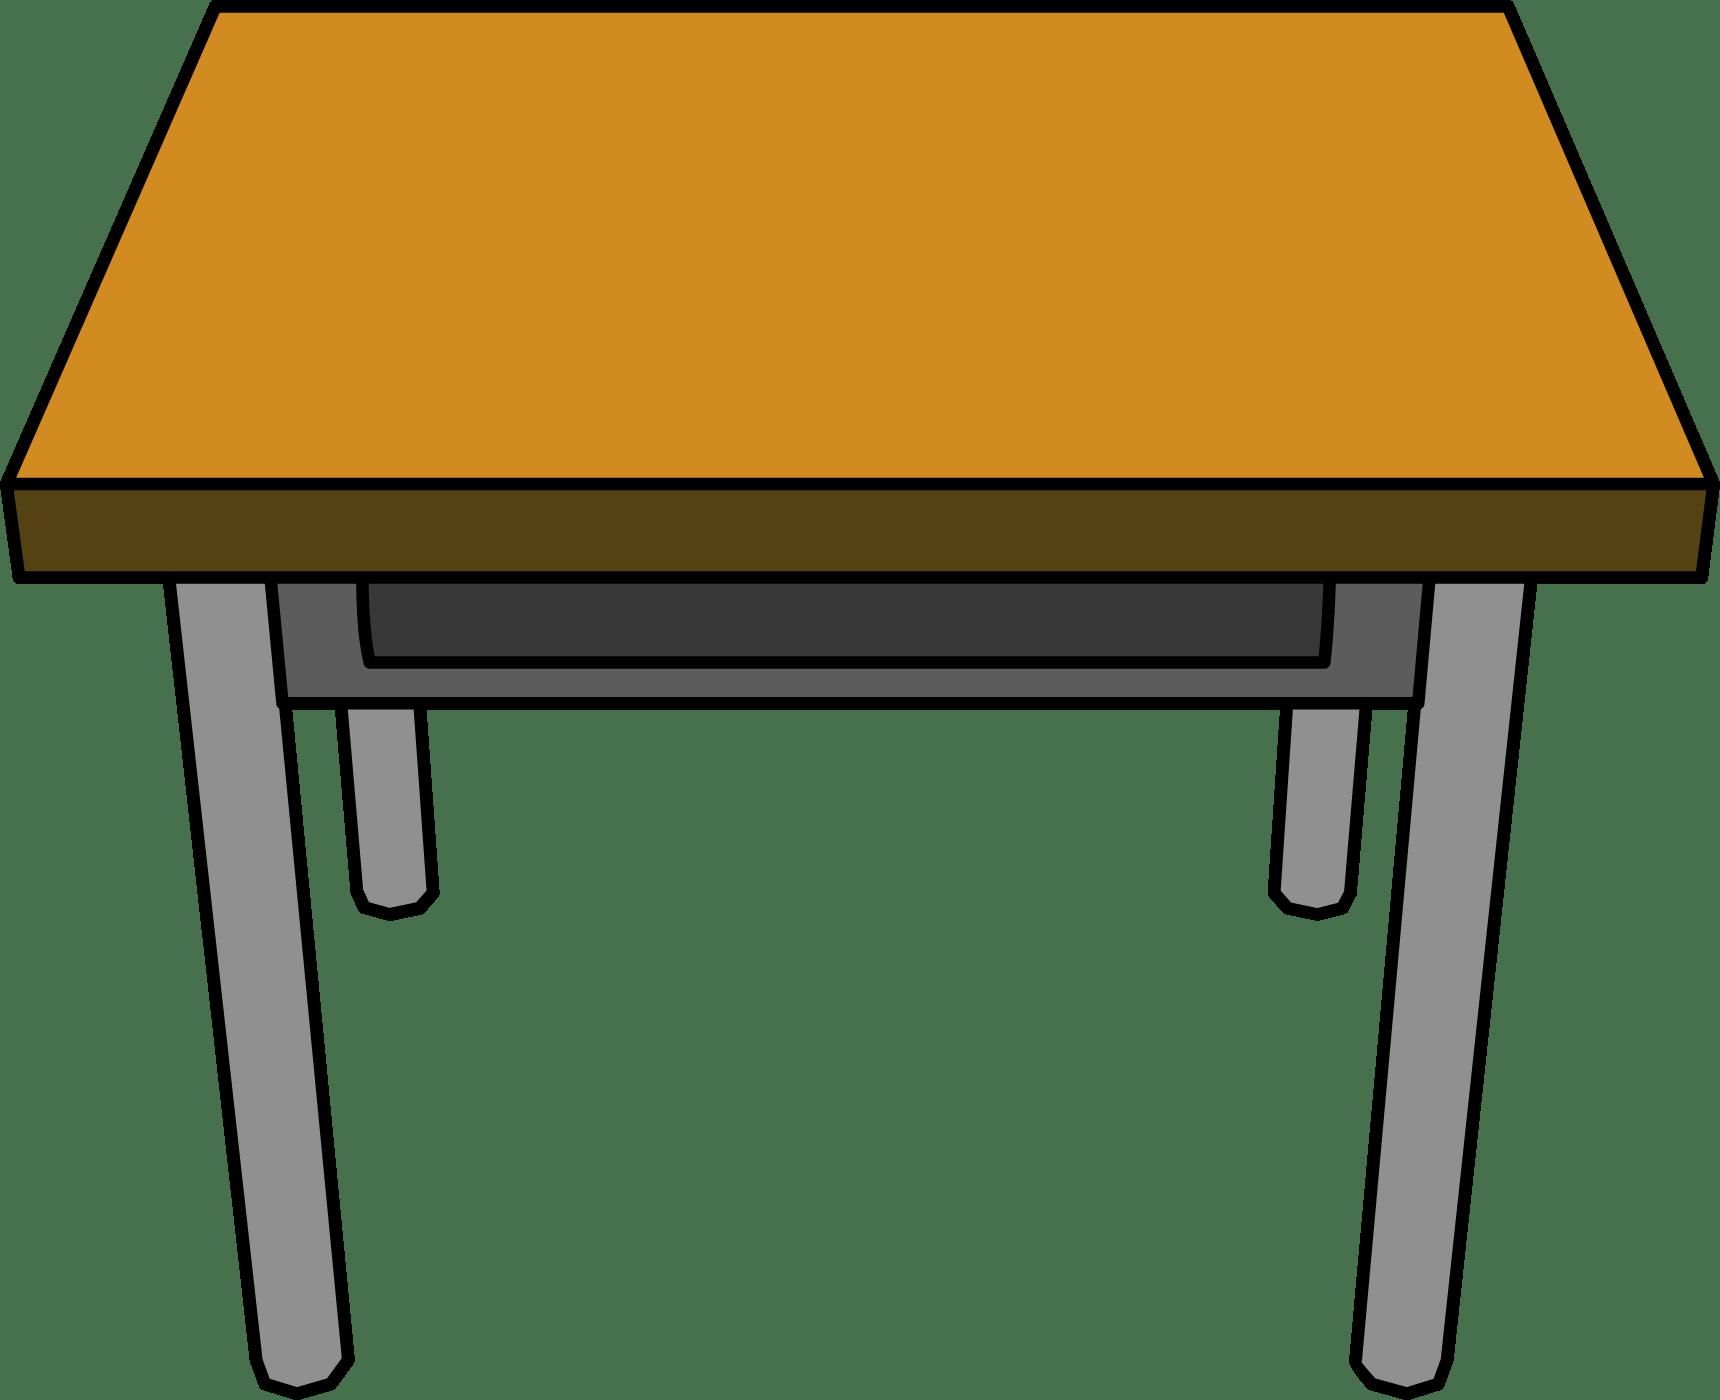 Desk Drawing transparent PNG.